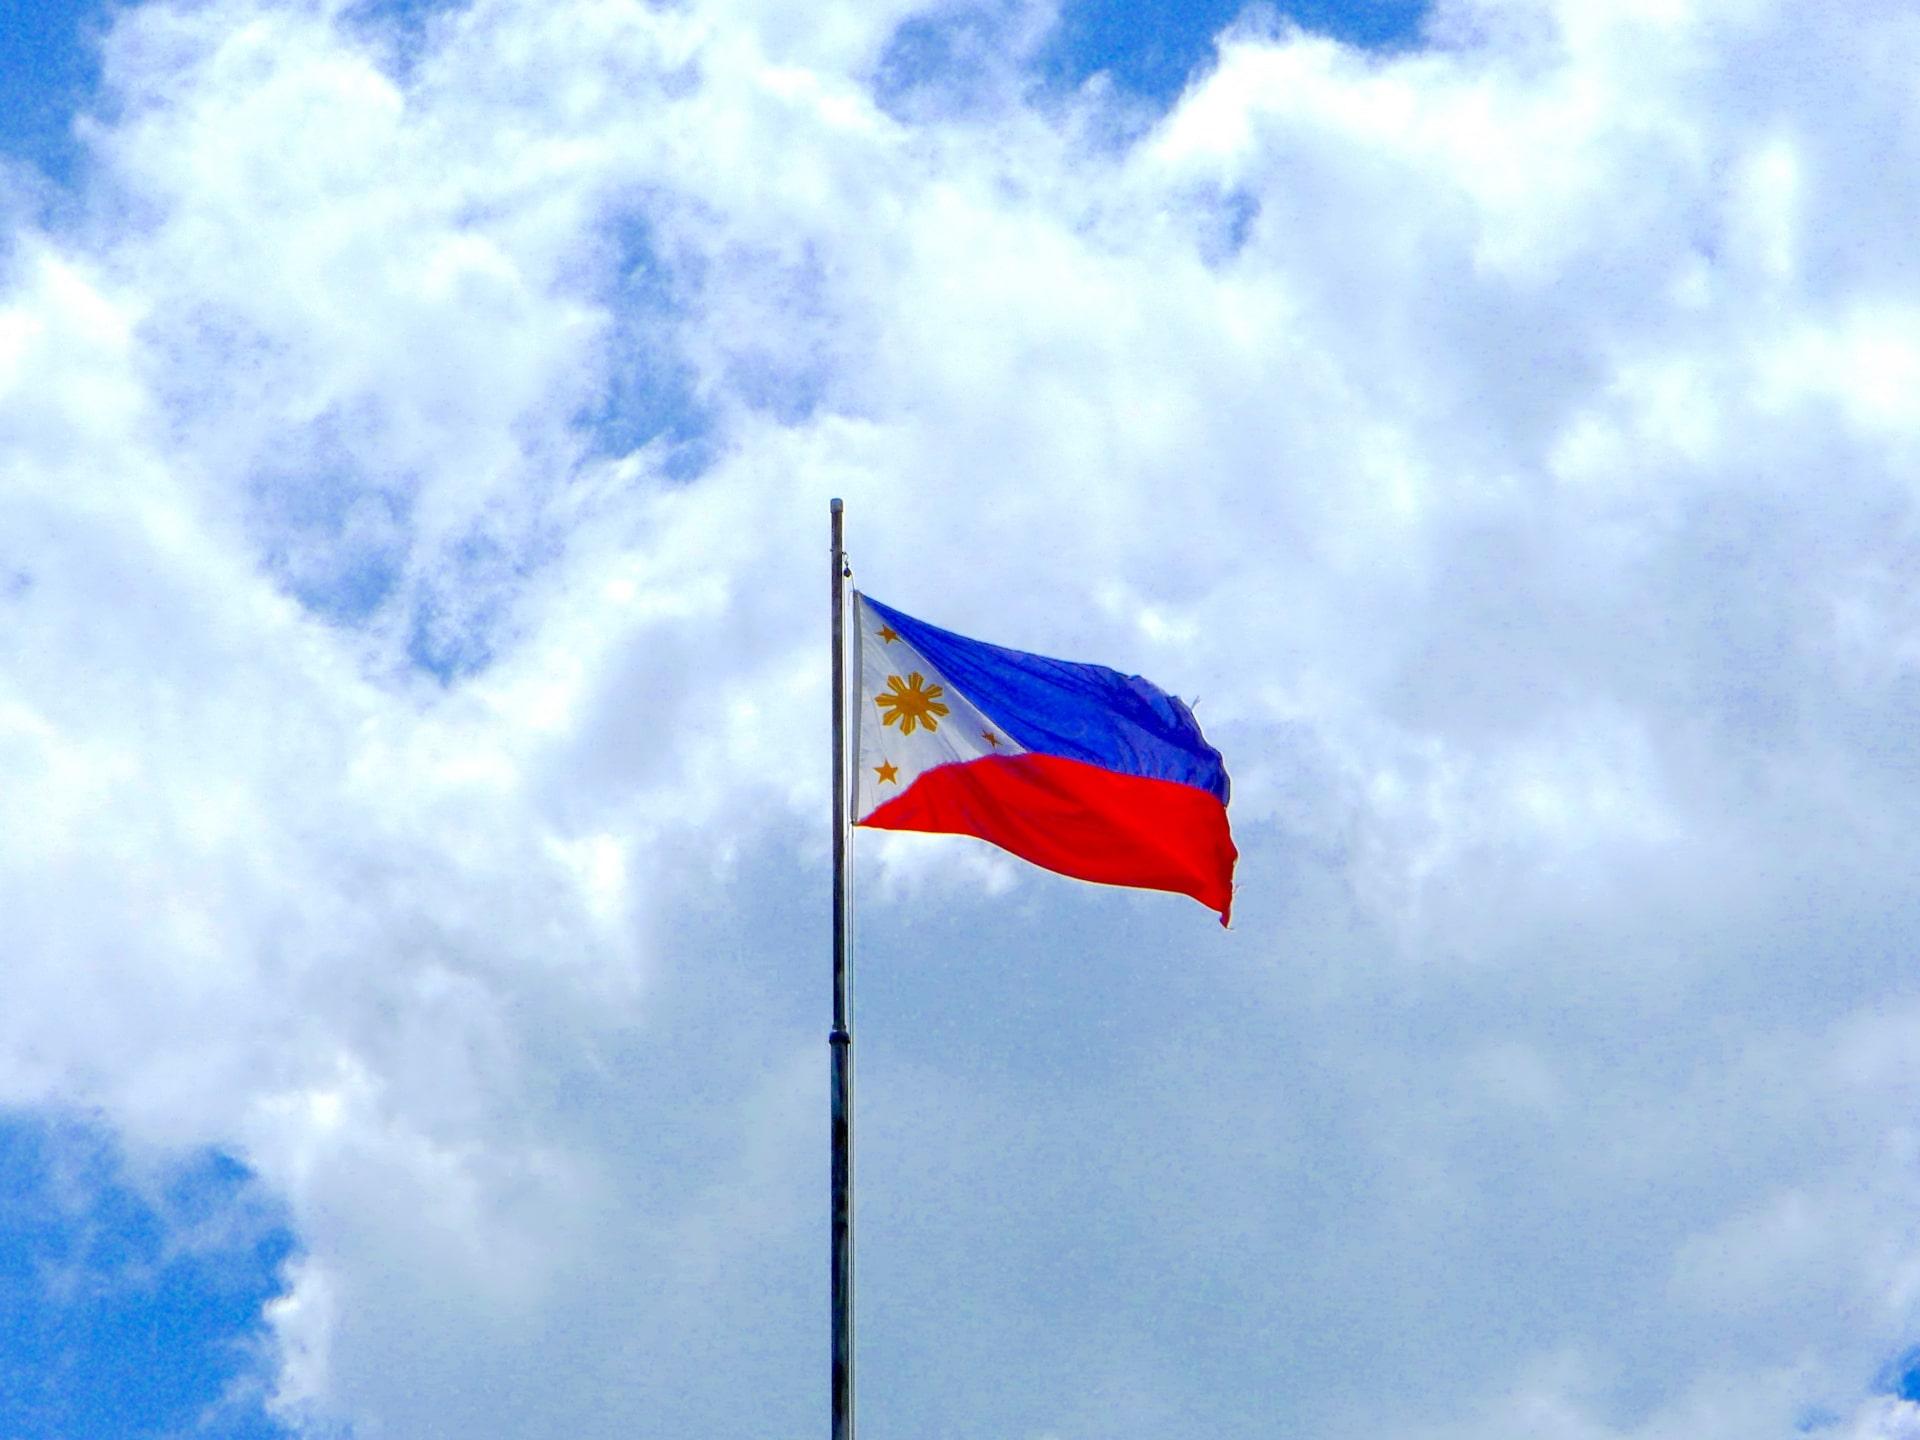 フィリピン留学体験談:フィリピン留学の国旗